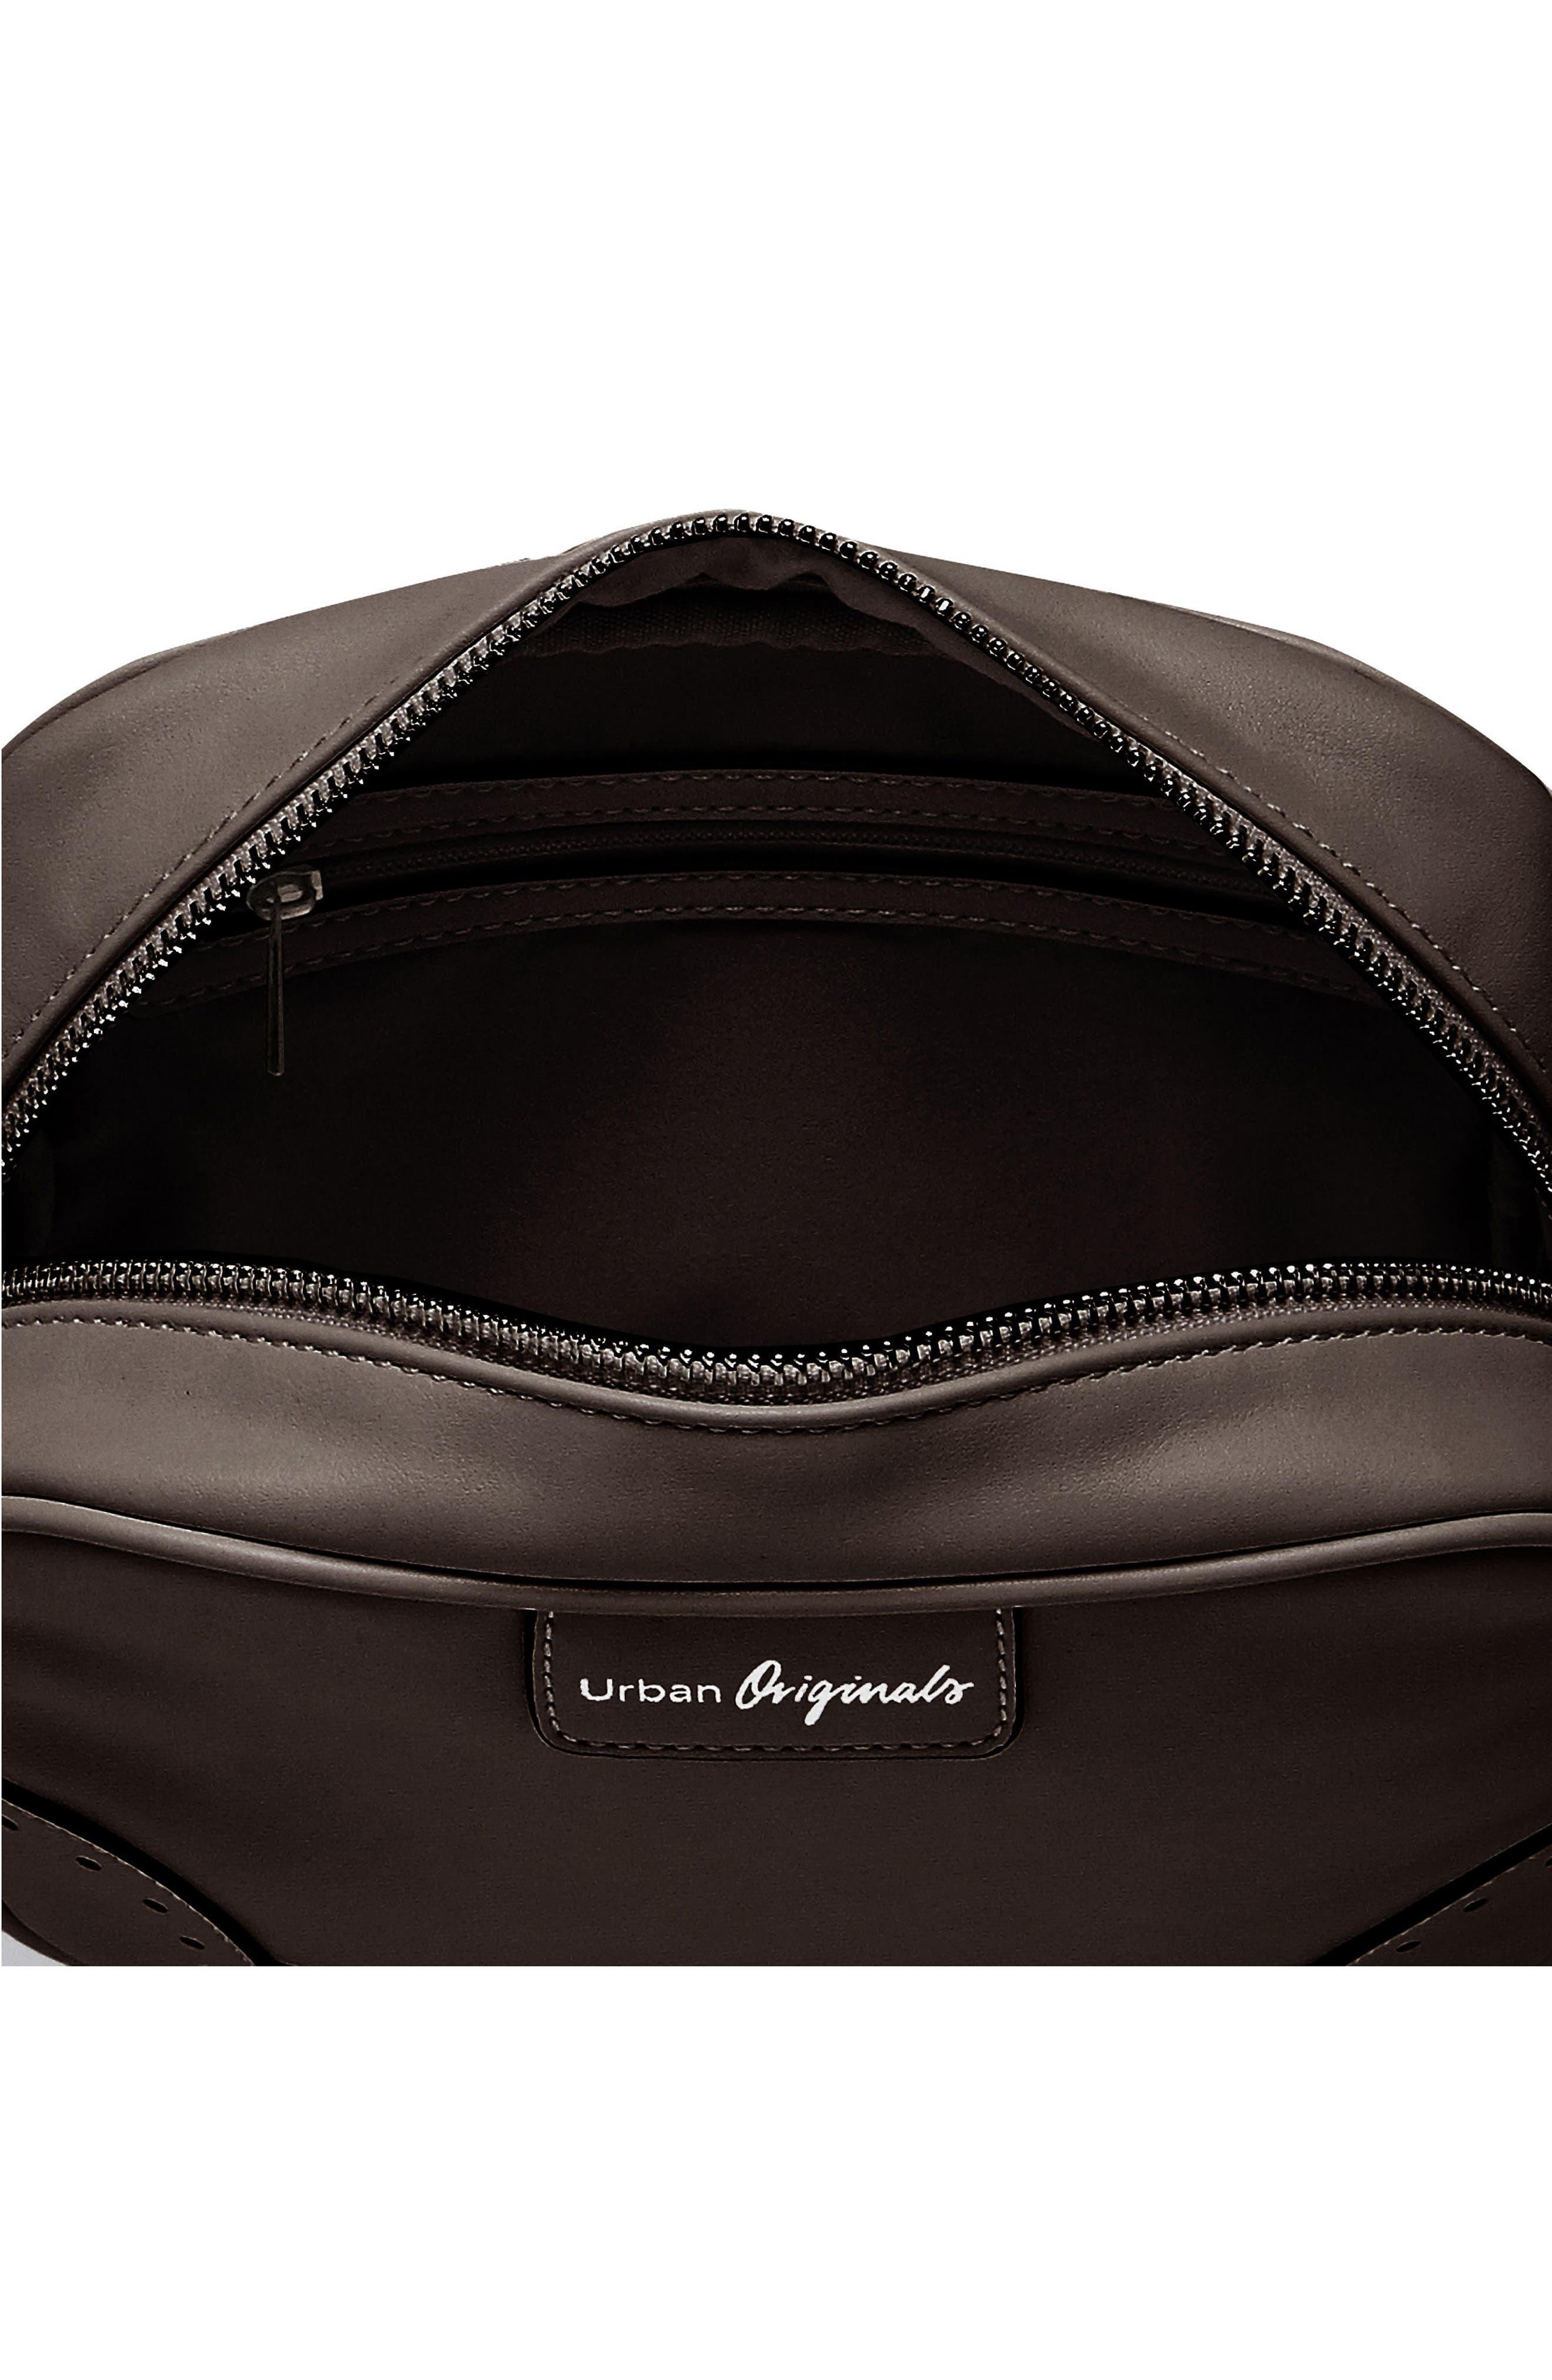 Splendour Vegan Leather Crossbody Bag,                             Alternate thumbnail 2, color,                             001